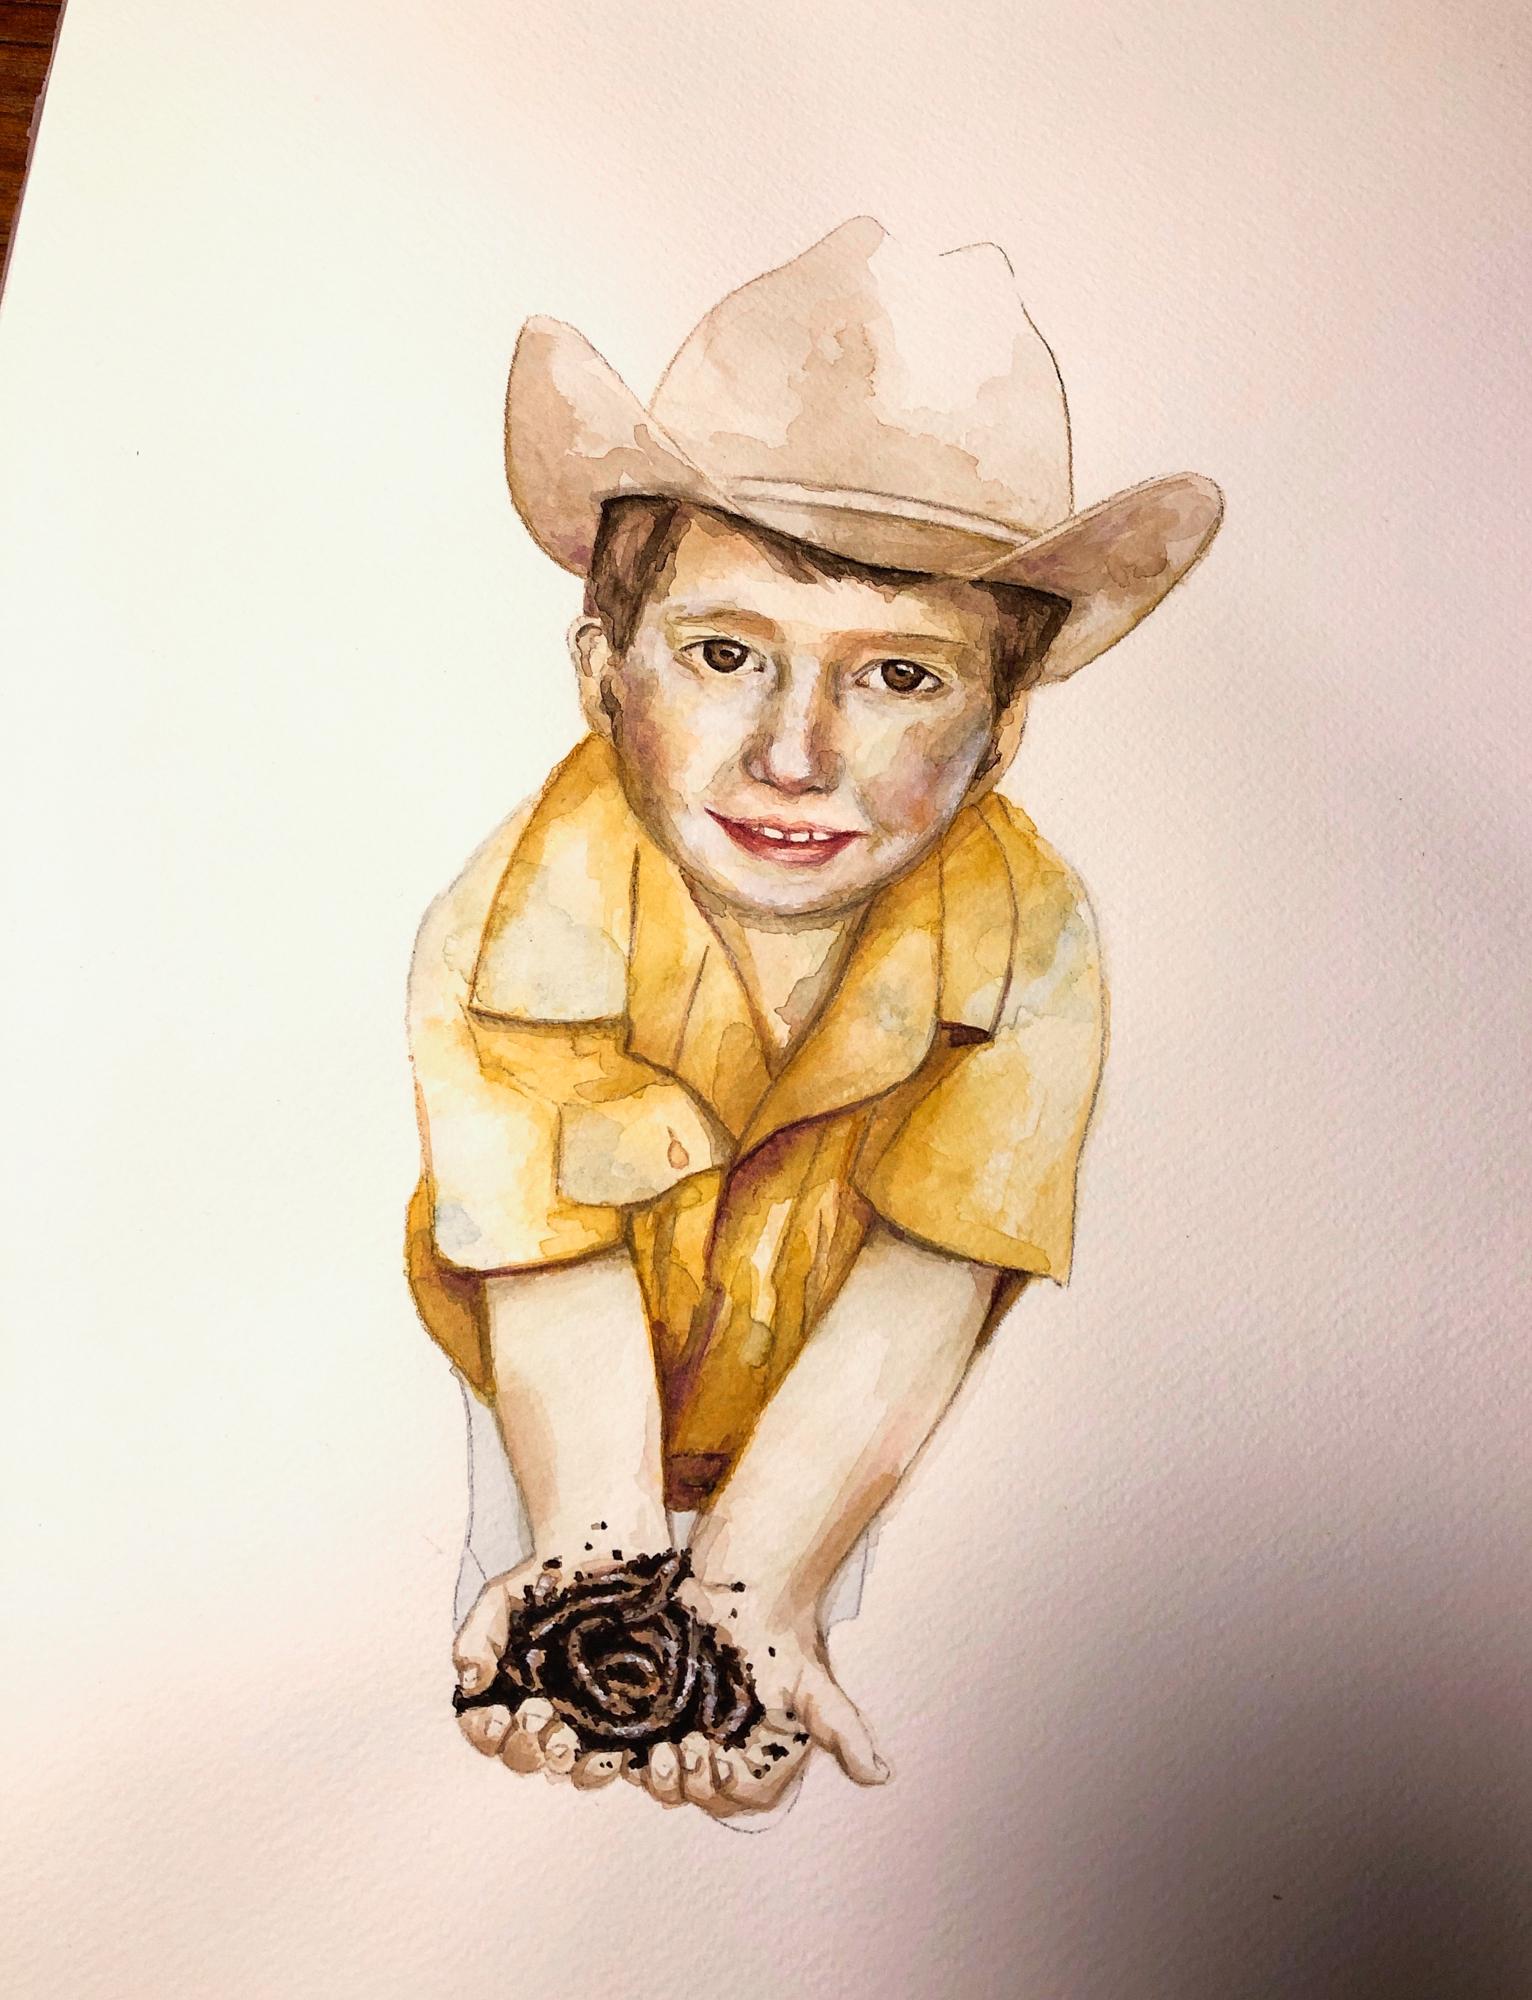 Zu sehen ist ein Aquarell-Porträt eines kleinenJungen mit Cowboyhut und gelben Hemd. Erhält Regenwürmer in den Händen und guckt den Betrachter direkt an.